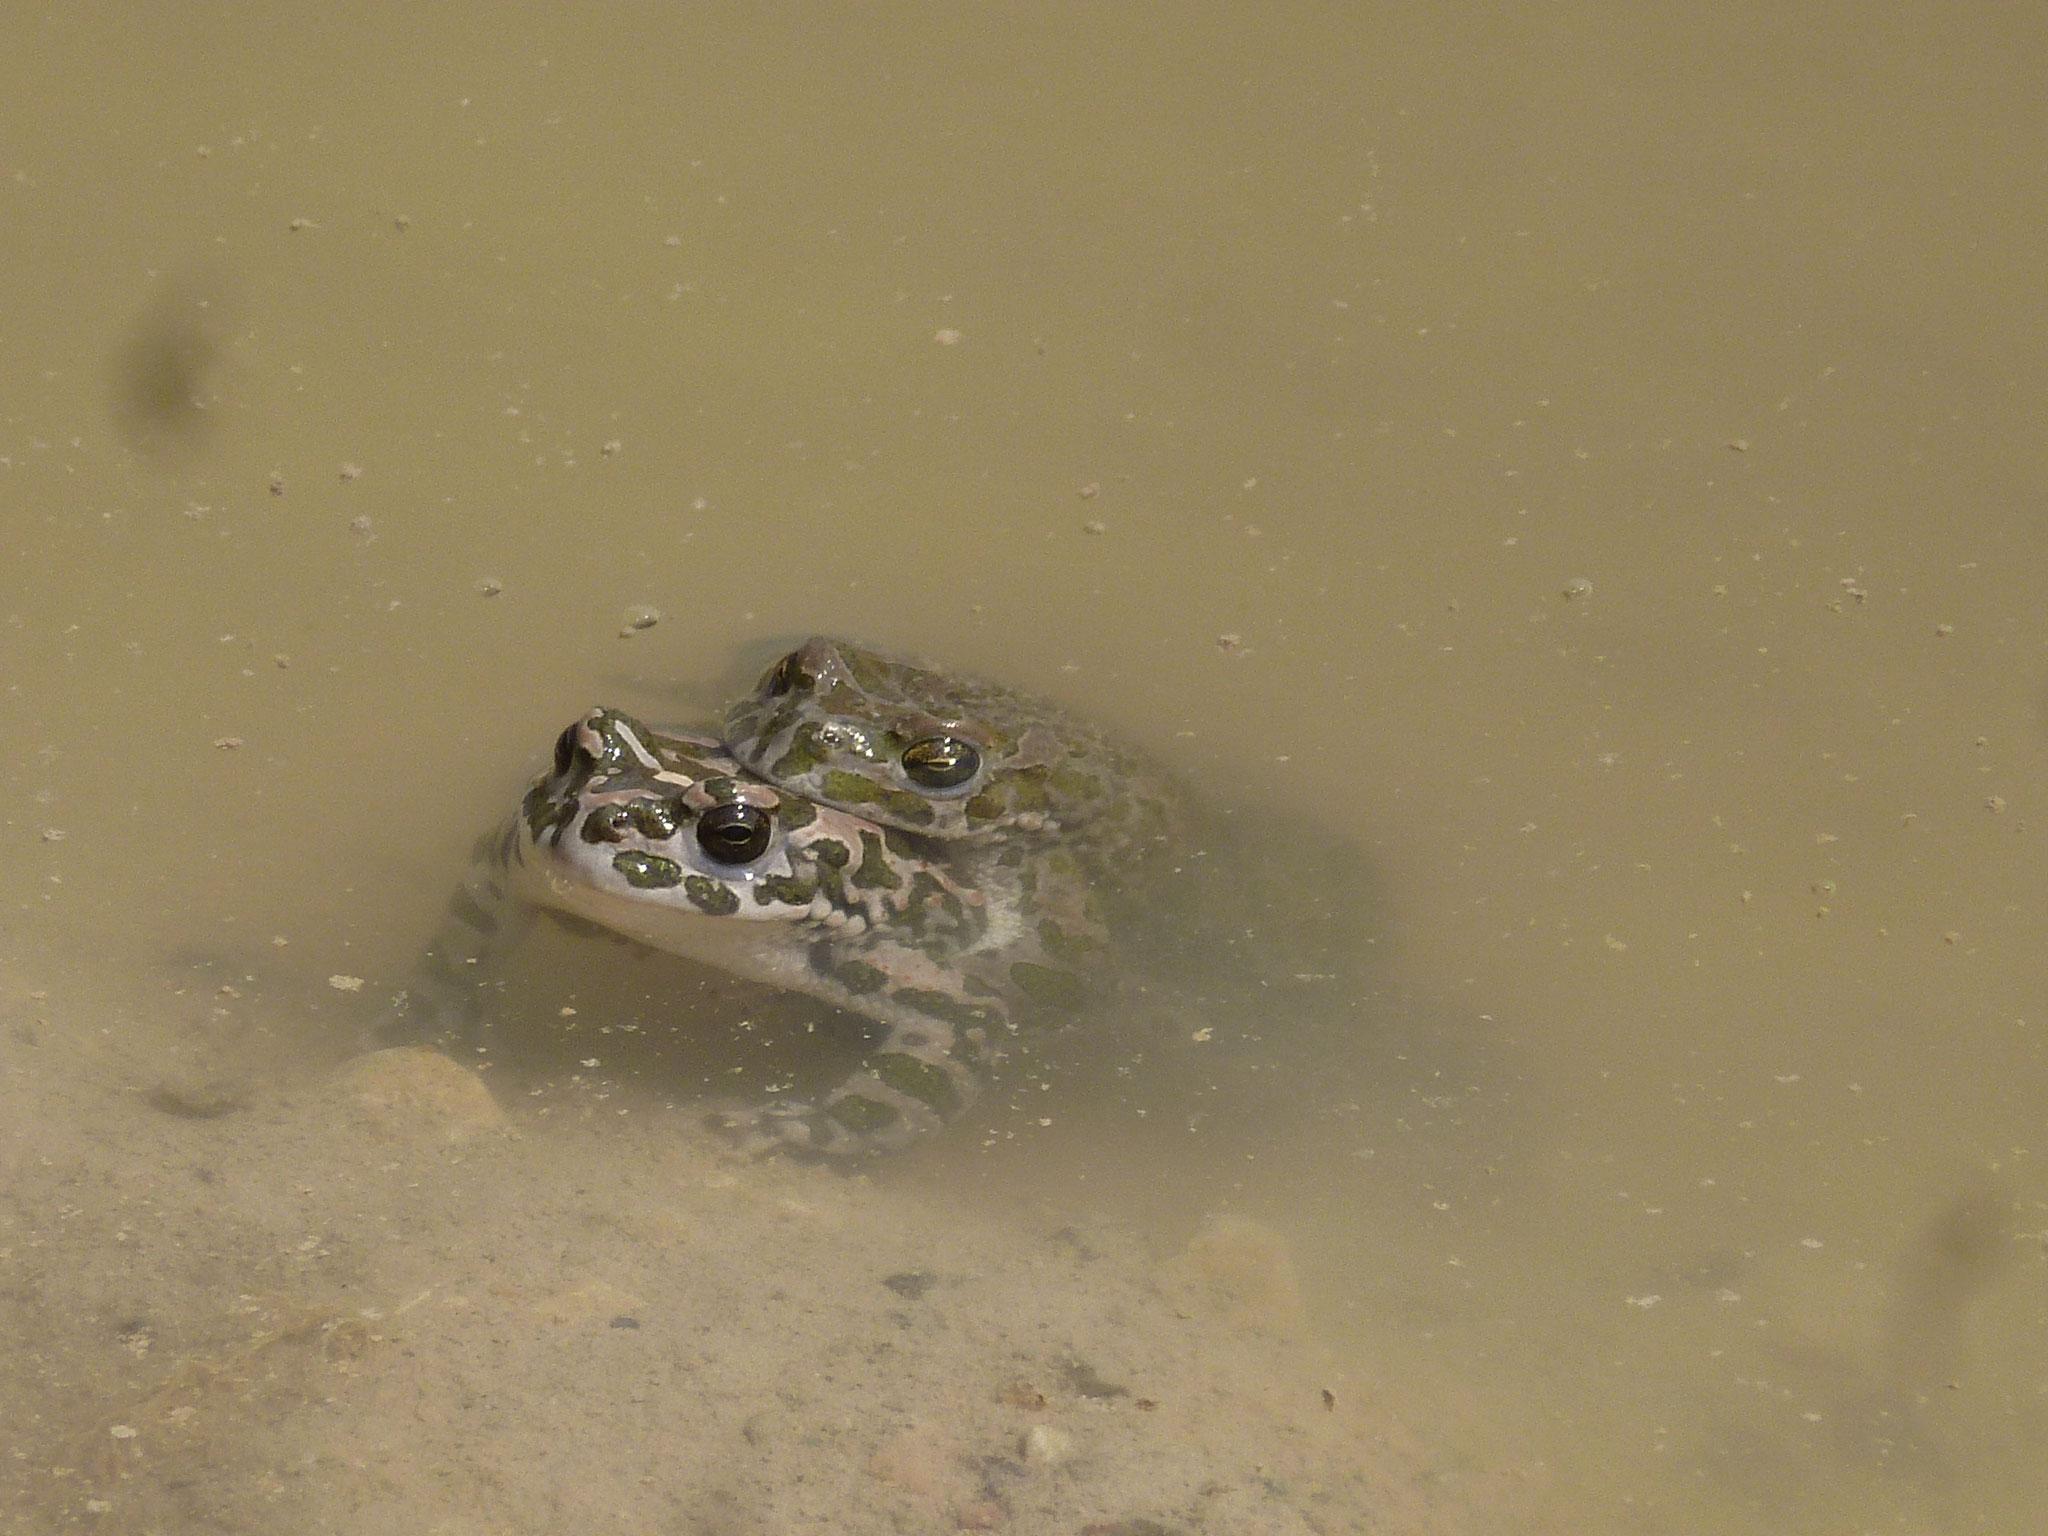 Wechselkröten bei der Paarung. Foto: ÖNSA/M. Neßmann